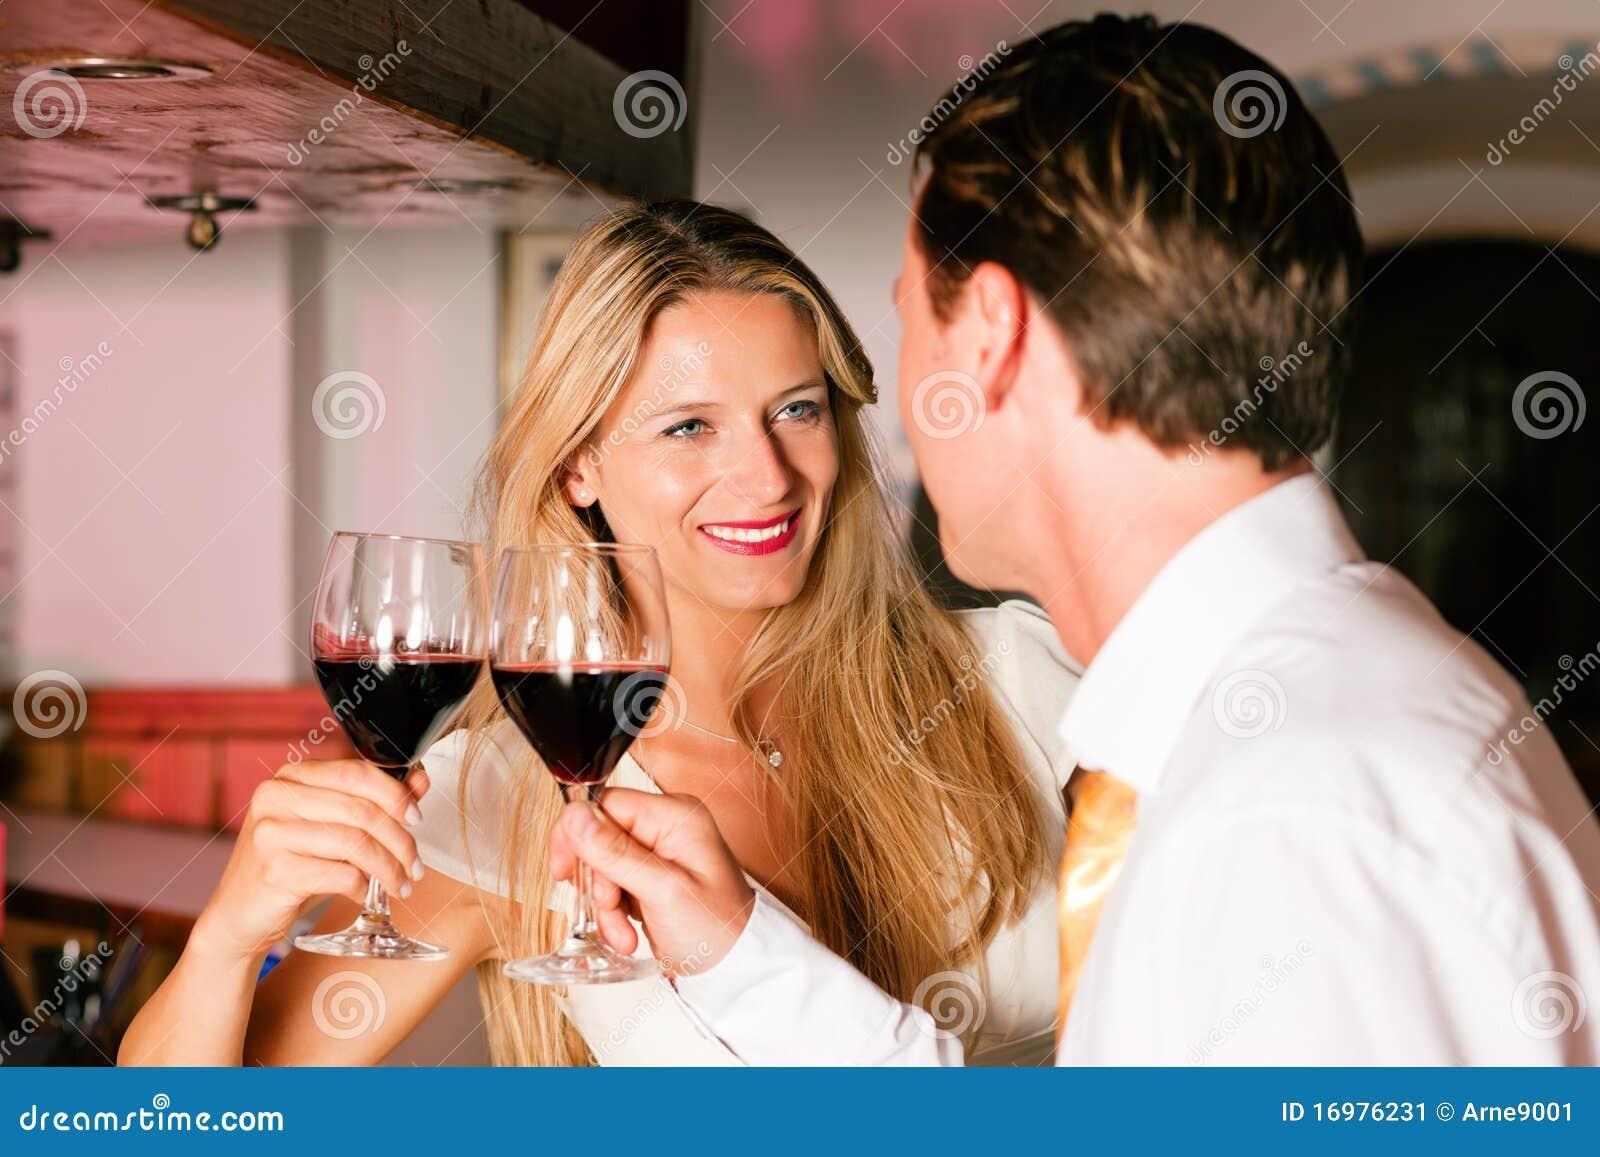 flirting vs cheating 101 ways to flirt men hair men